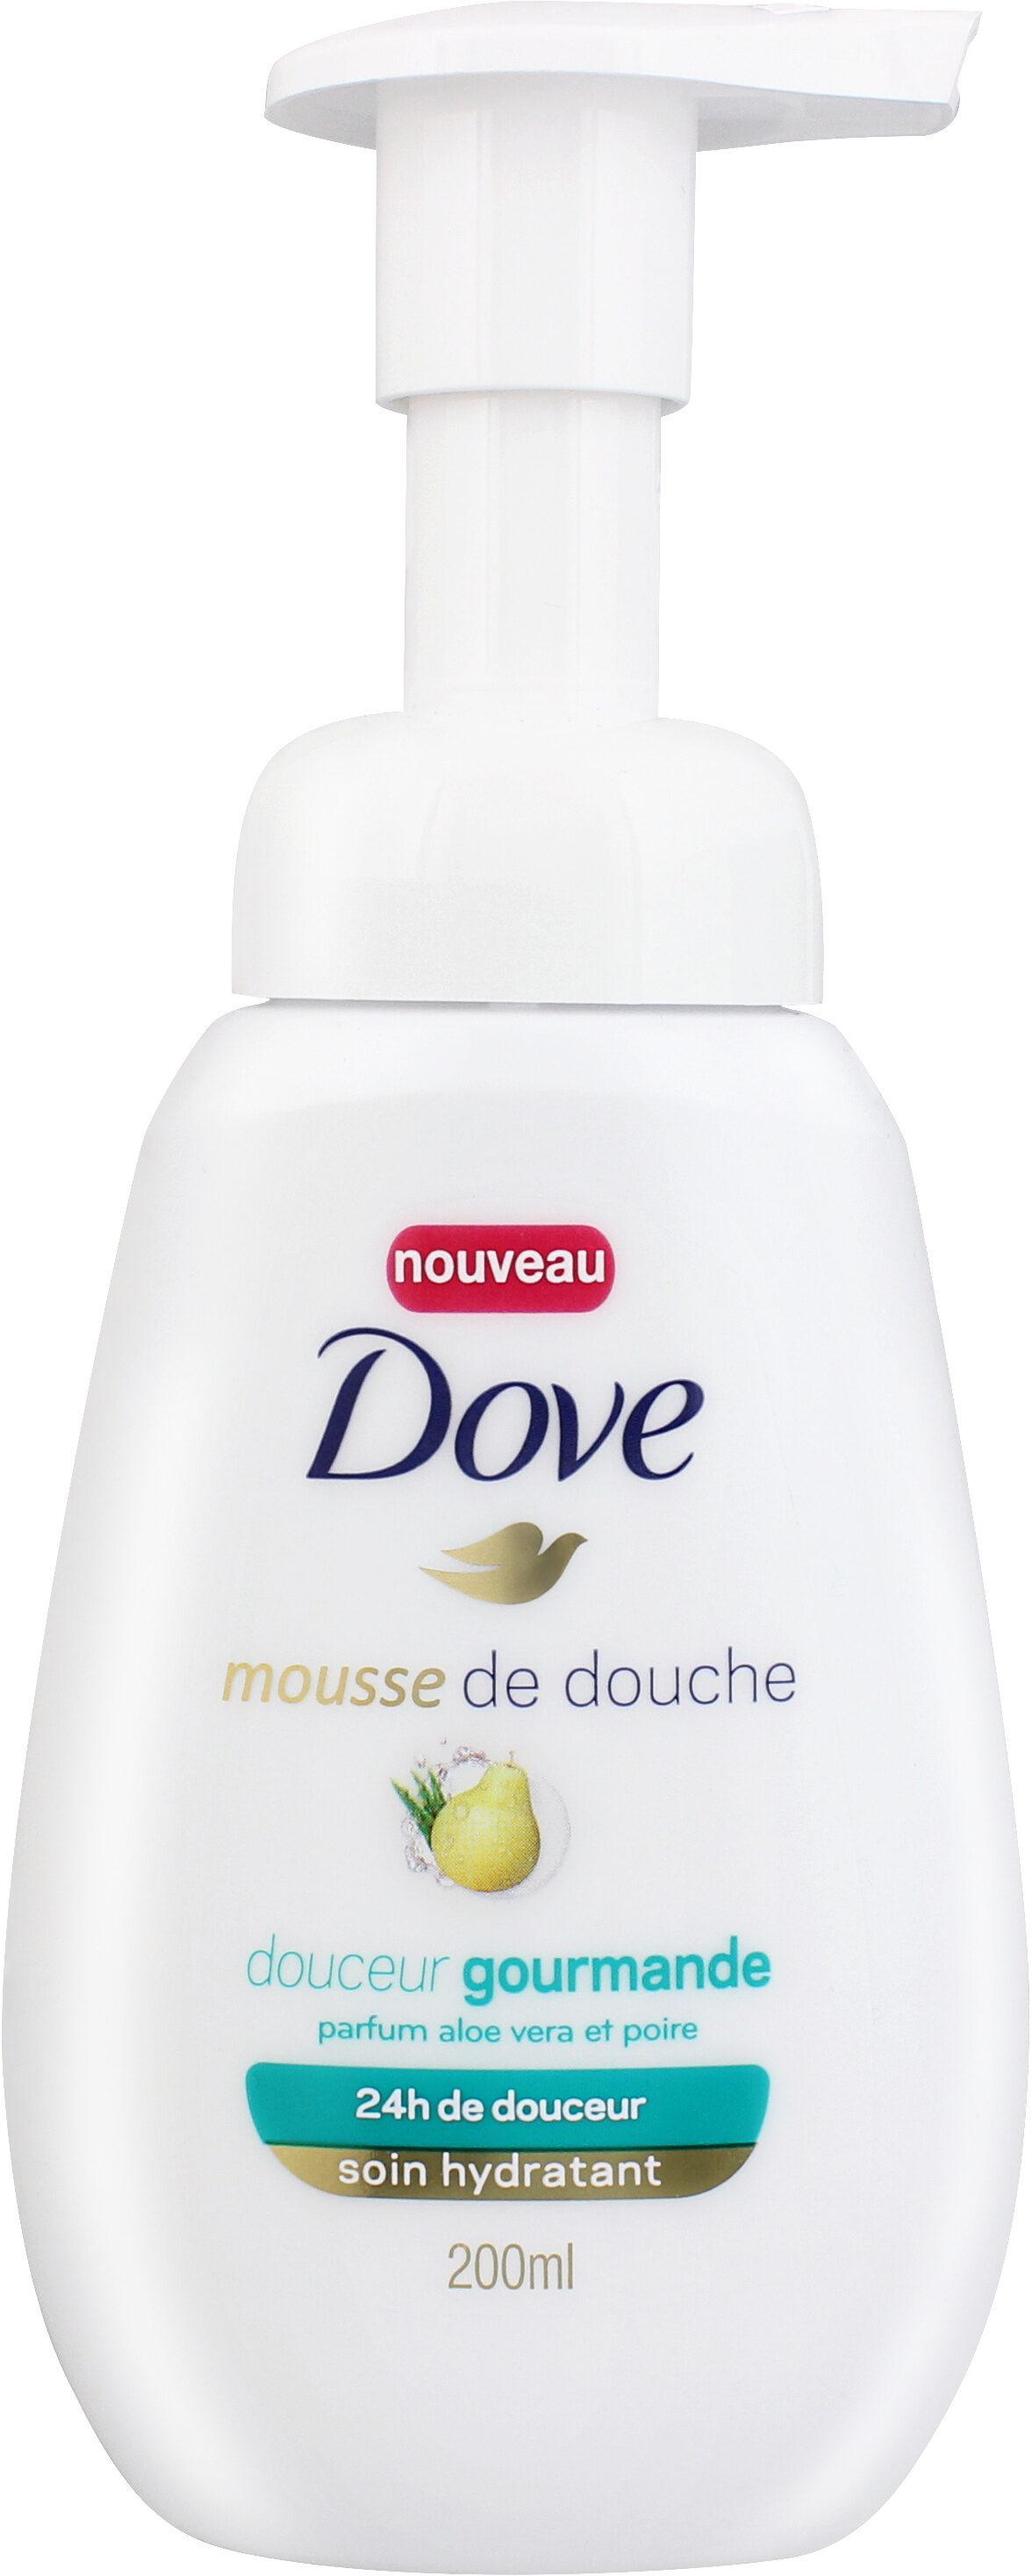 Dove Gel Douche Mousse Hydratant Douceur Gourmande Parfum Aloe Vera et Poire - Produit - fr